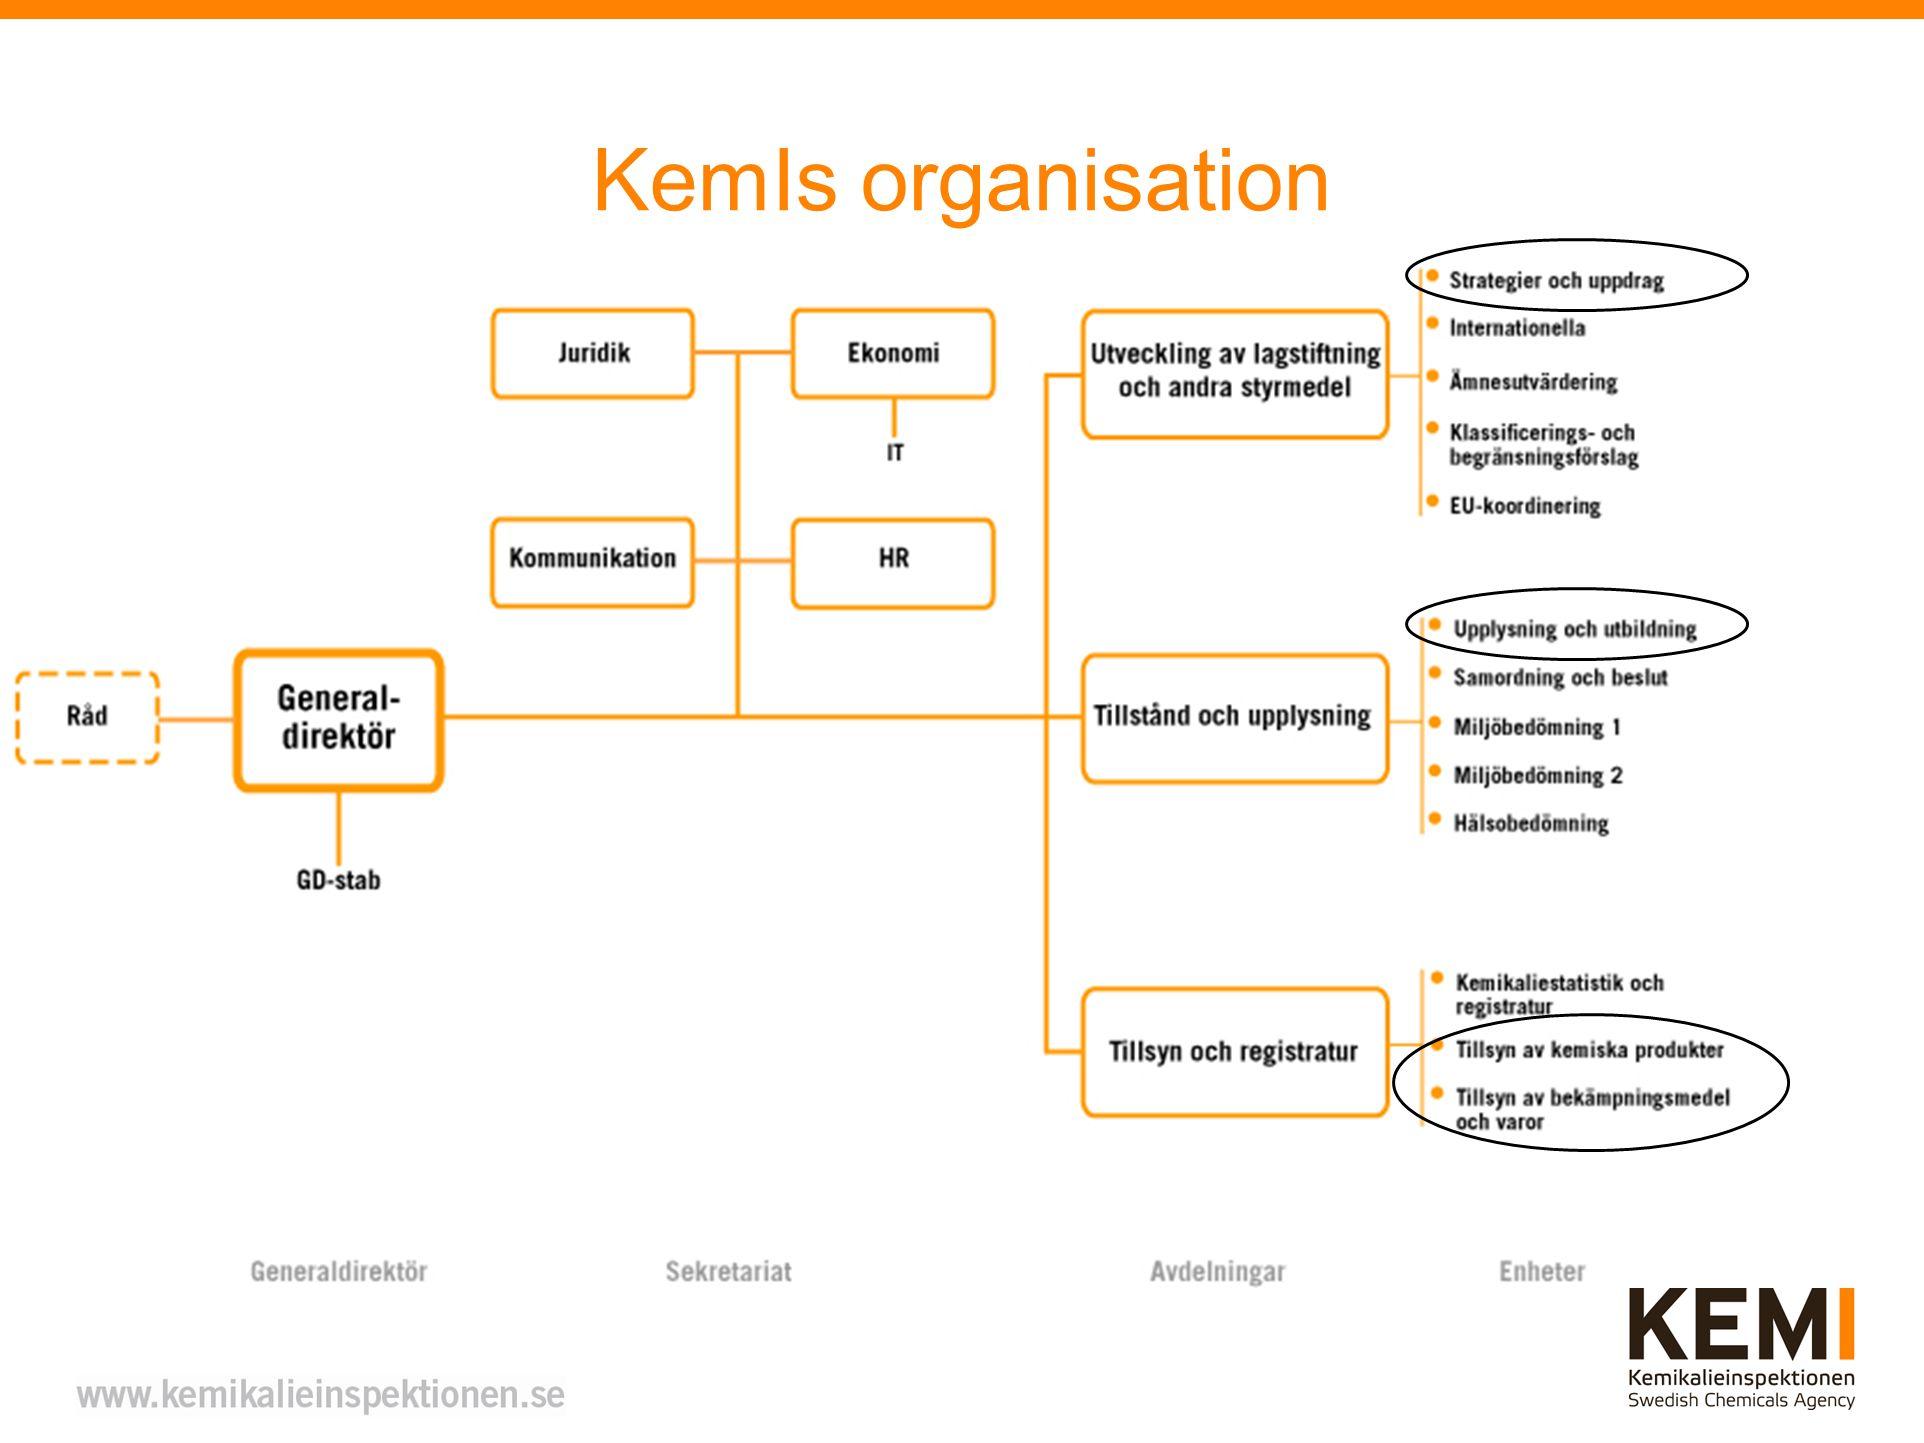 KemIs organisation